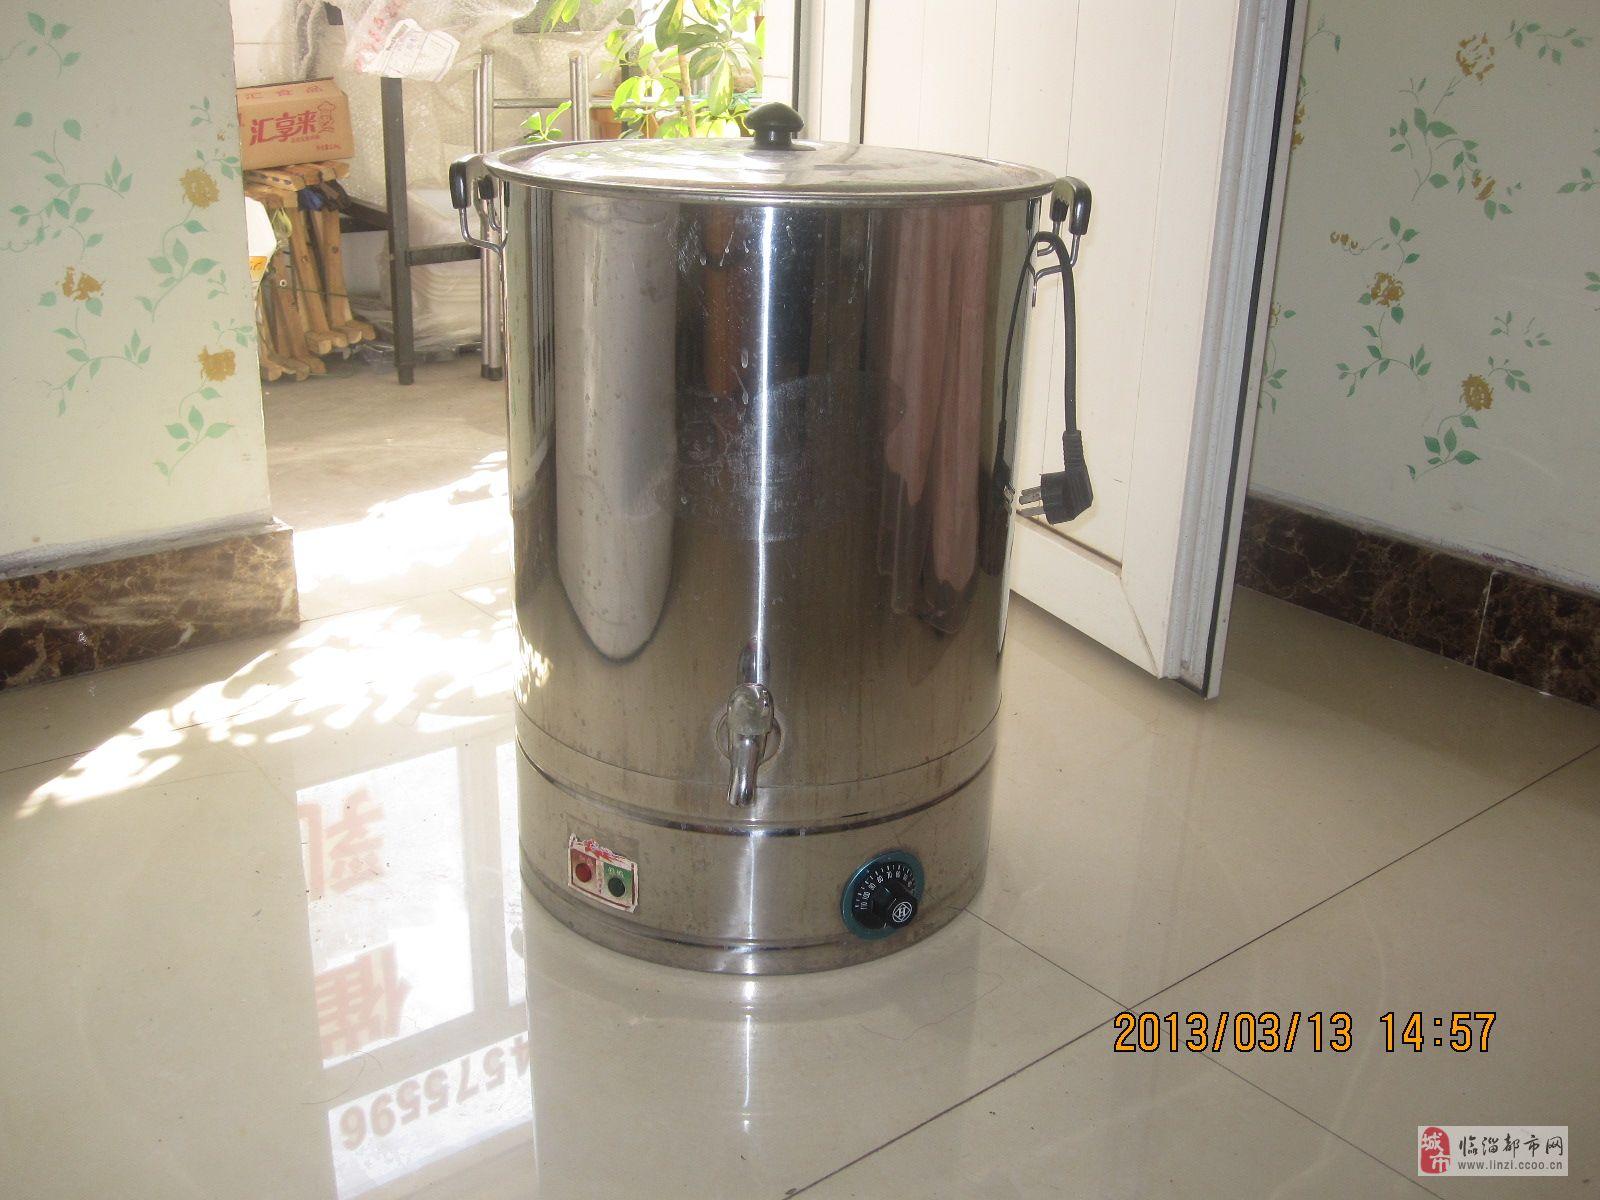 低价转让8成新不锈钢电烧水桶